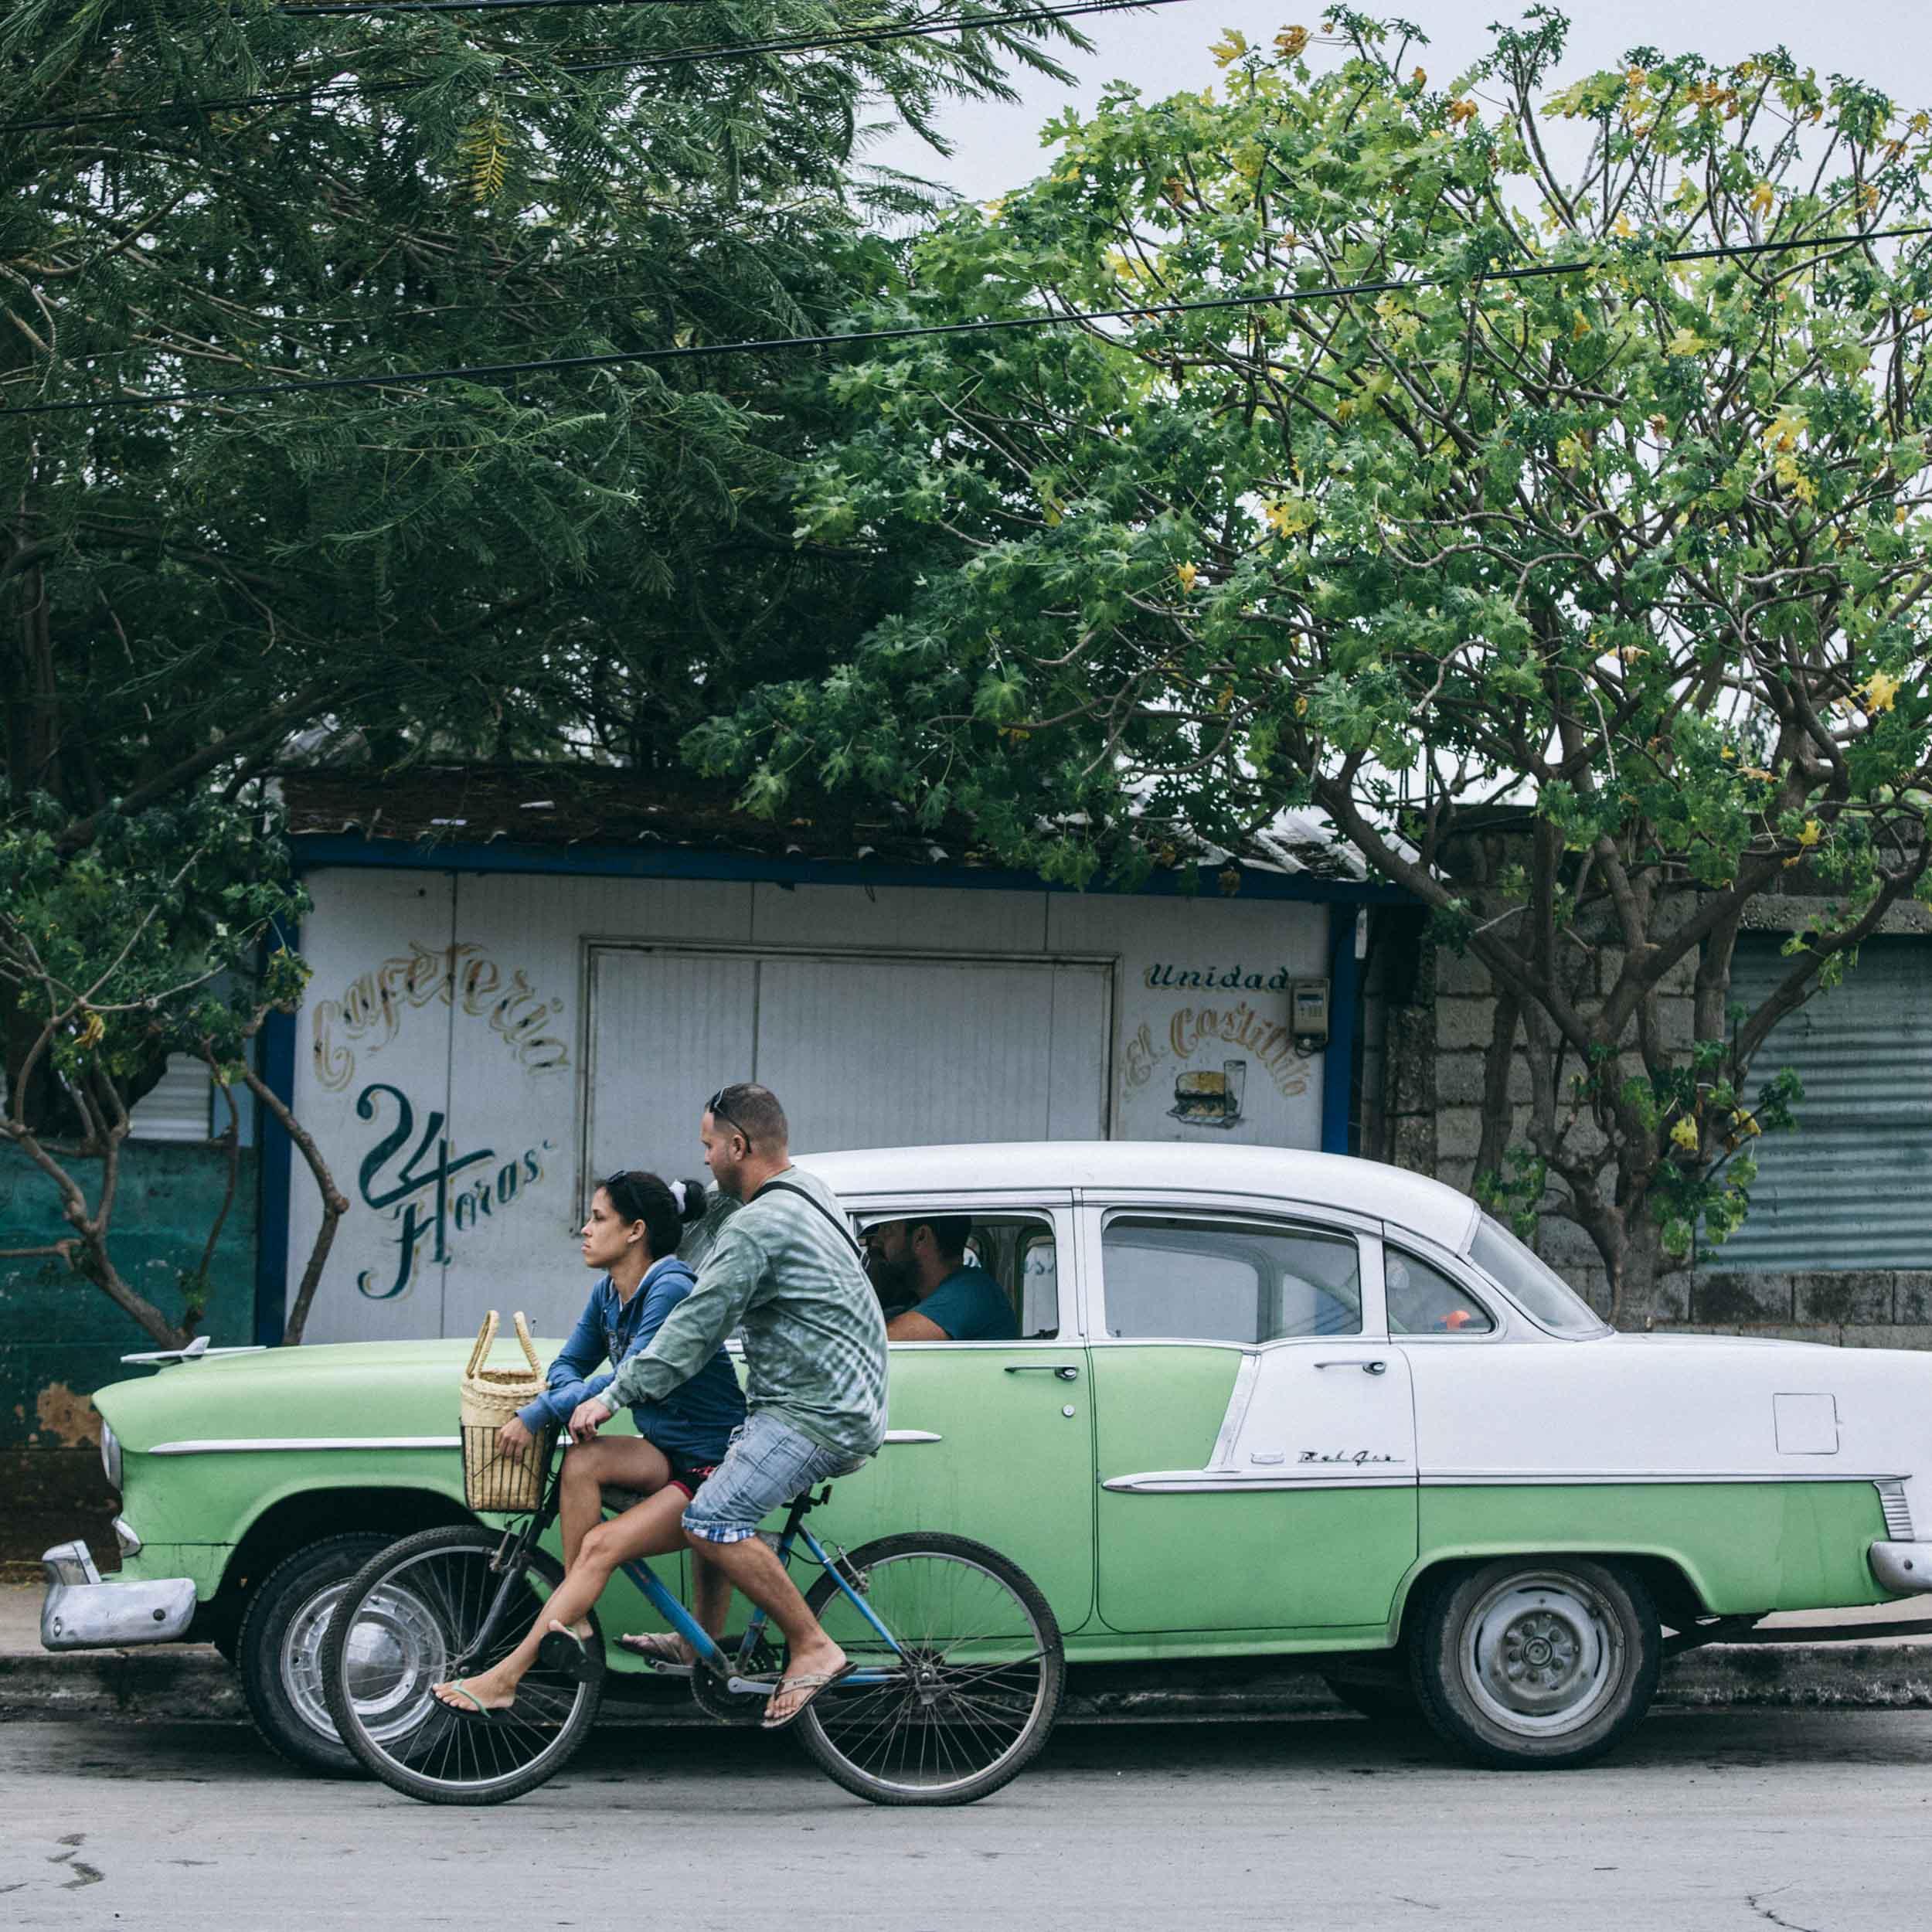 Cuba-davidbraud-0682.jpg